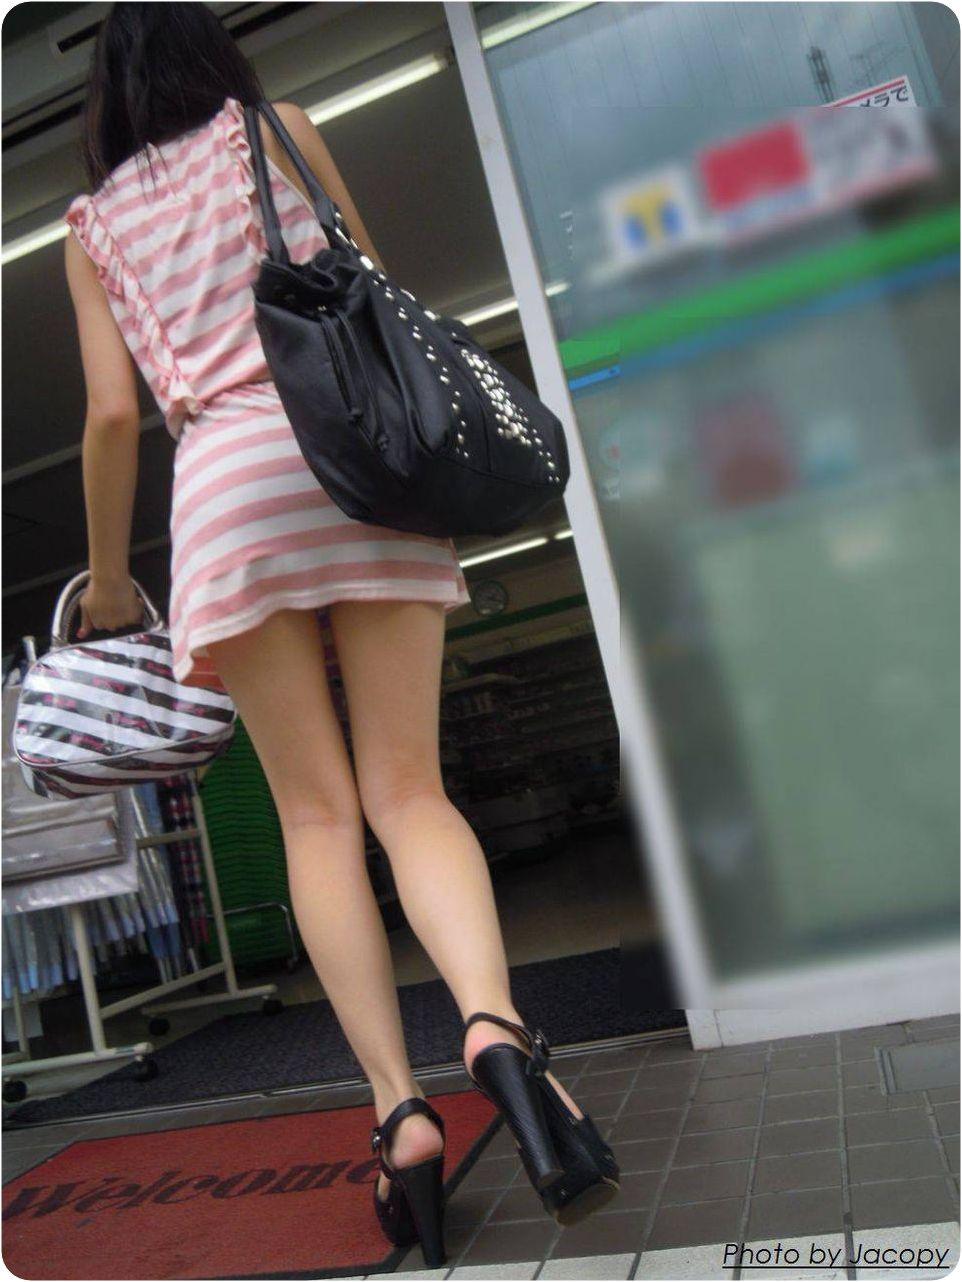 【美脚エロ画像】生ならなお良し!去るまで見届けたくなる街行く綺麗な脚www 08